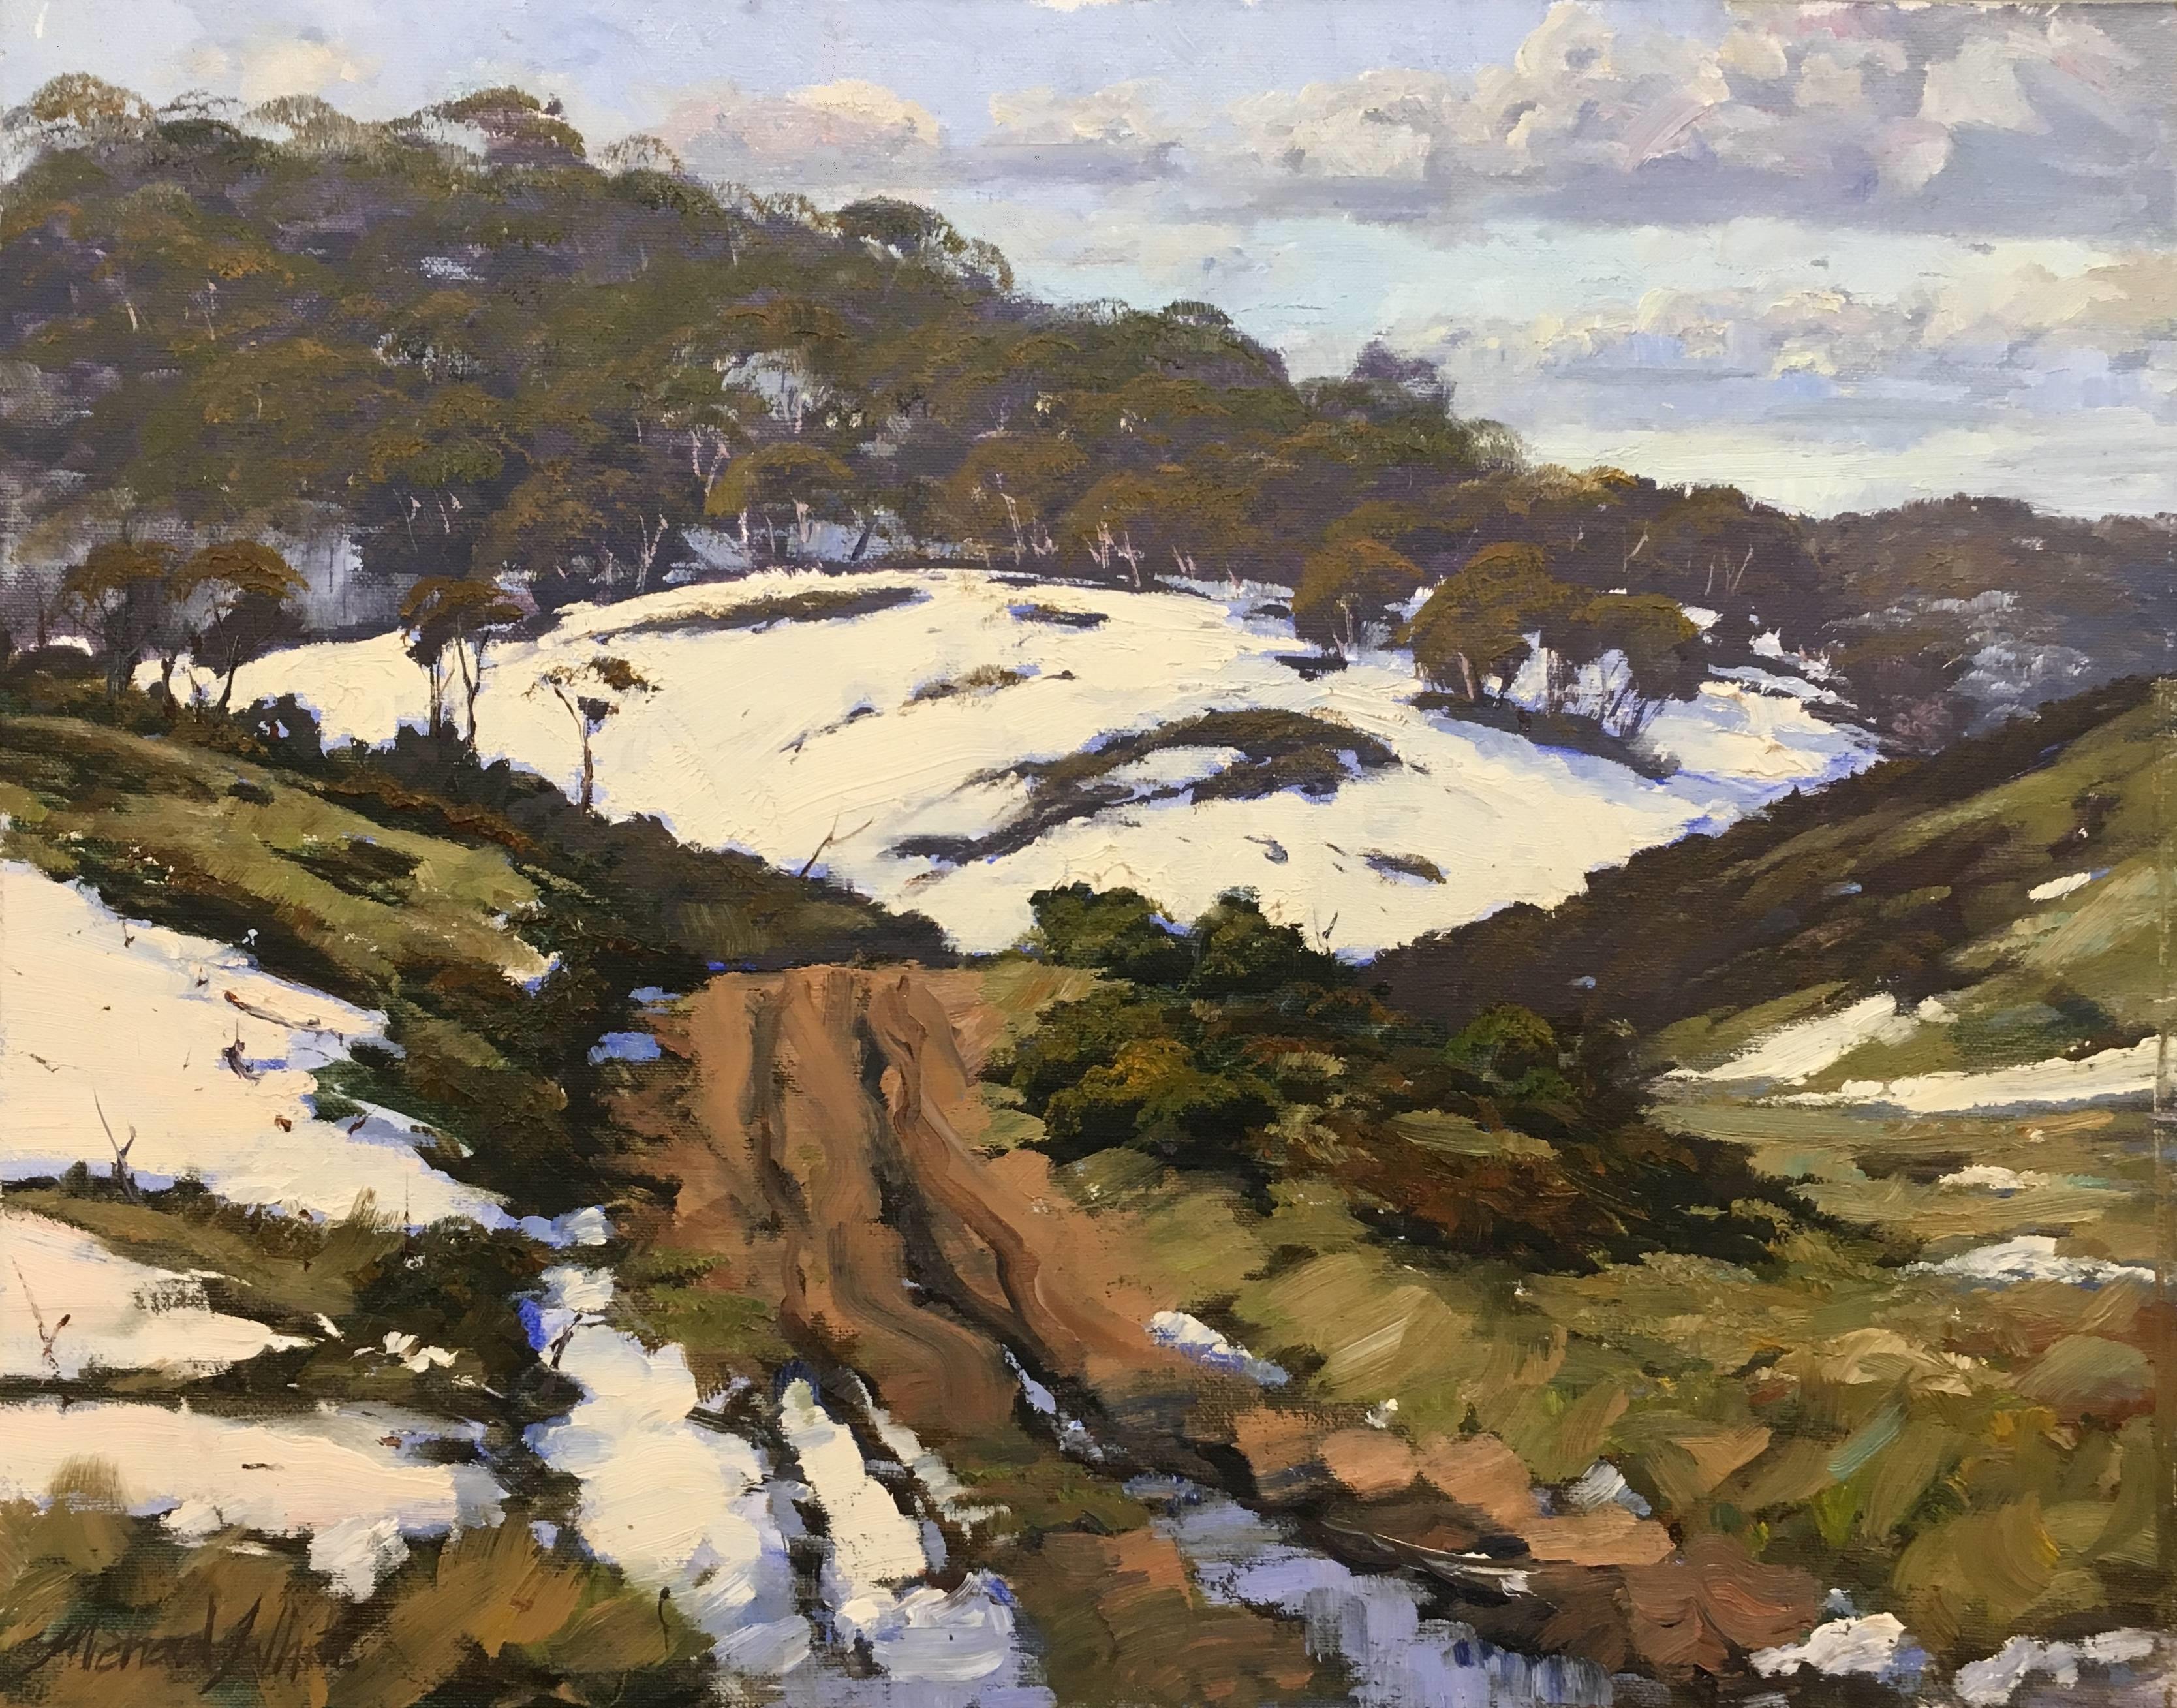 _Snowy Trail